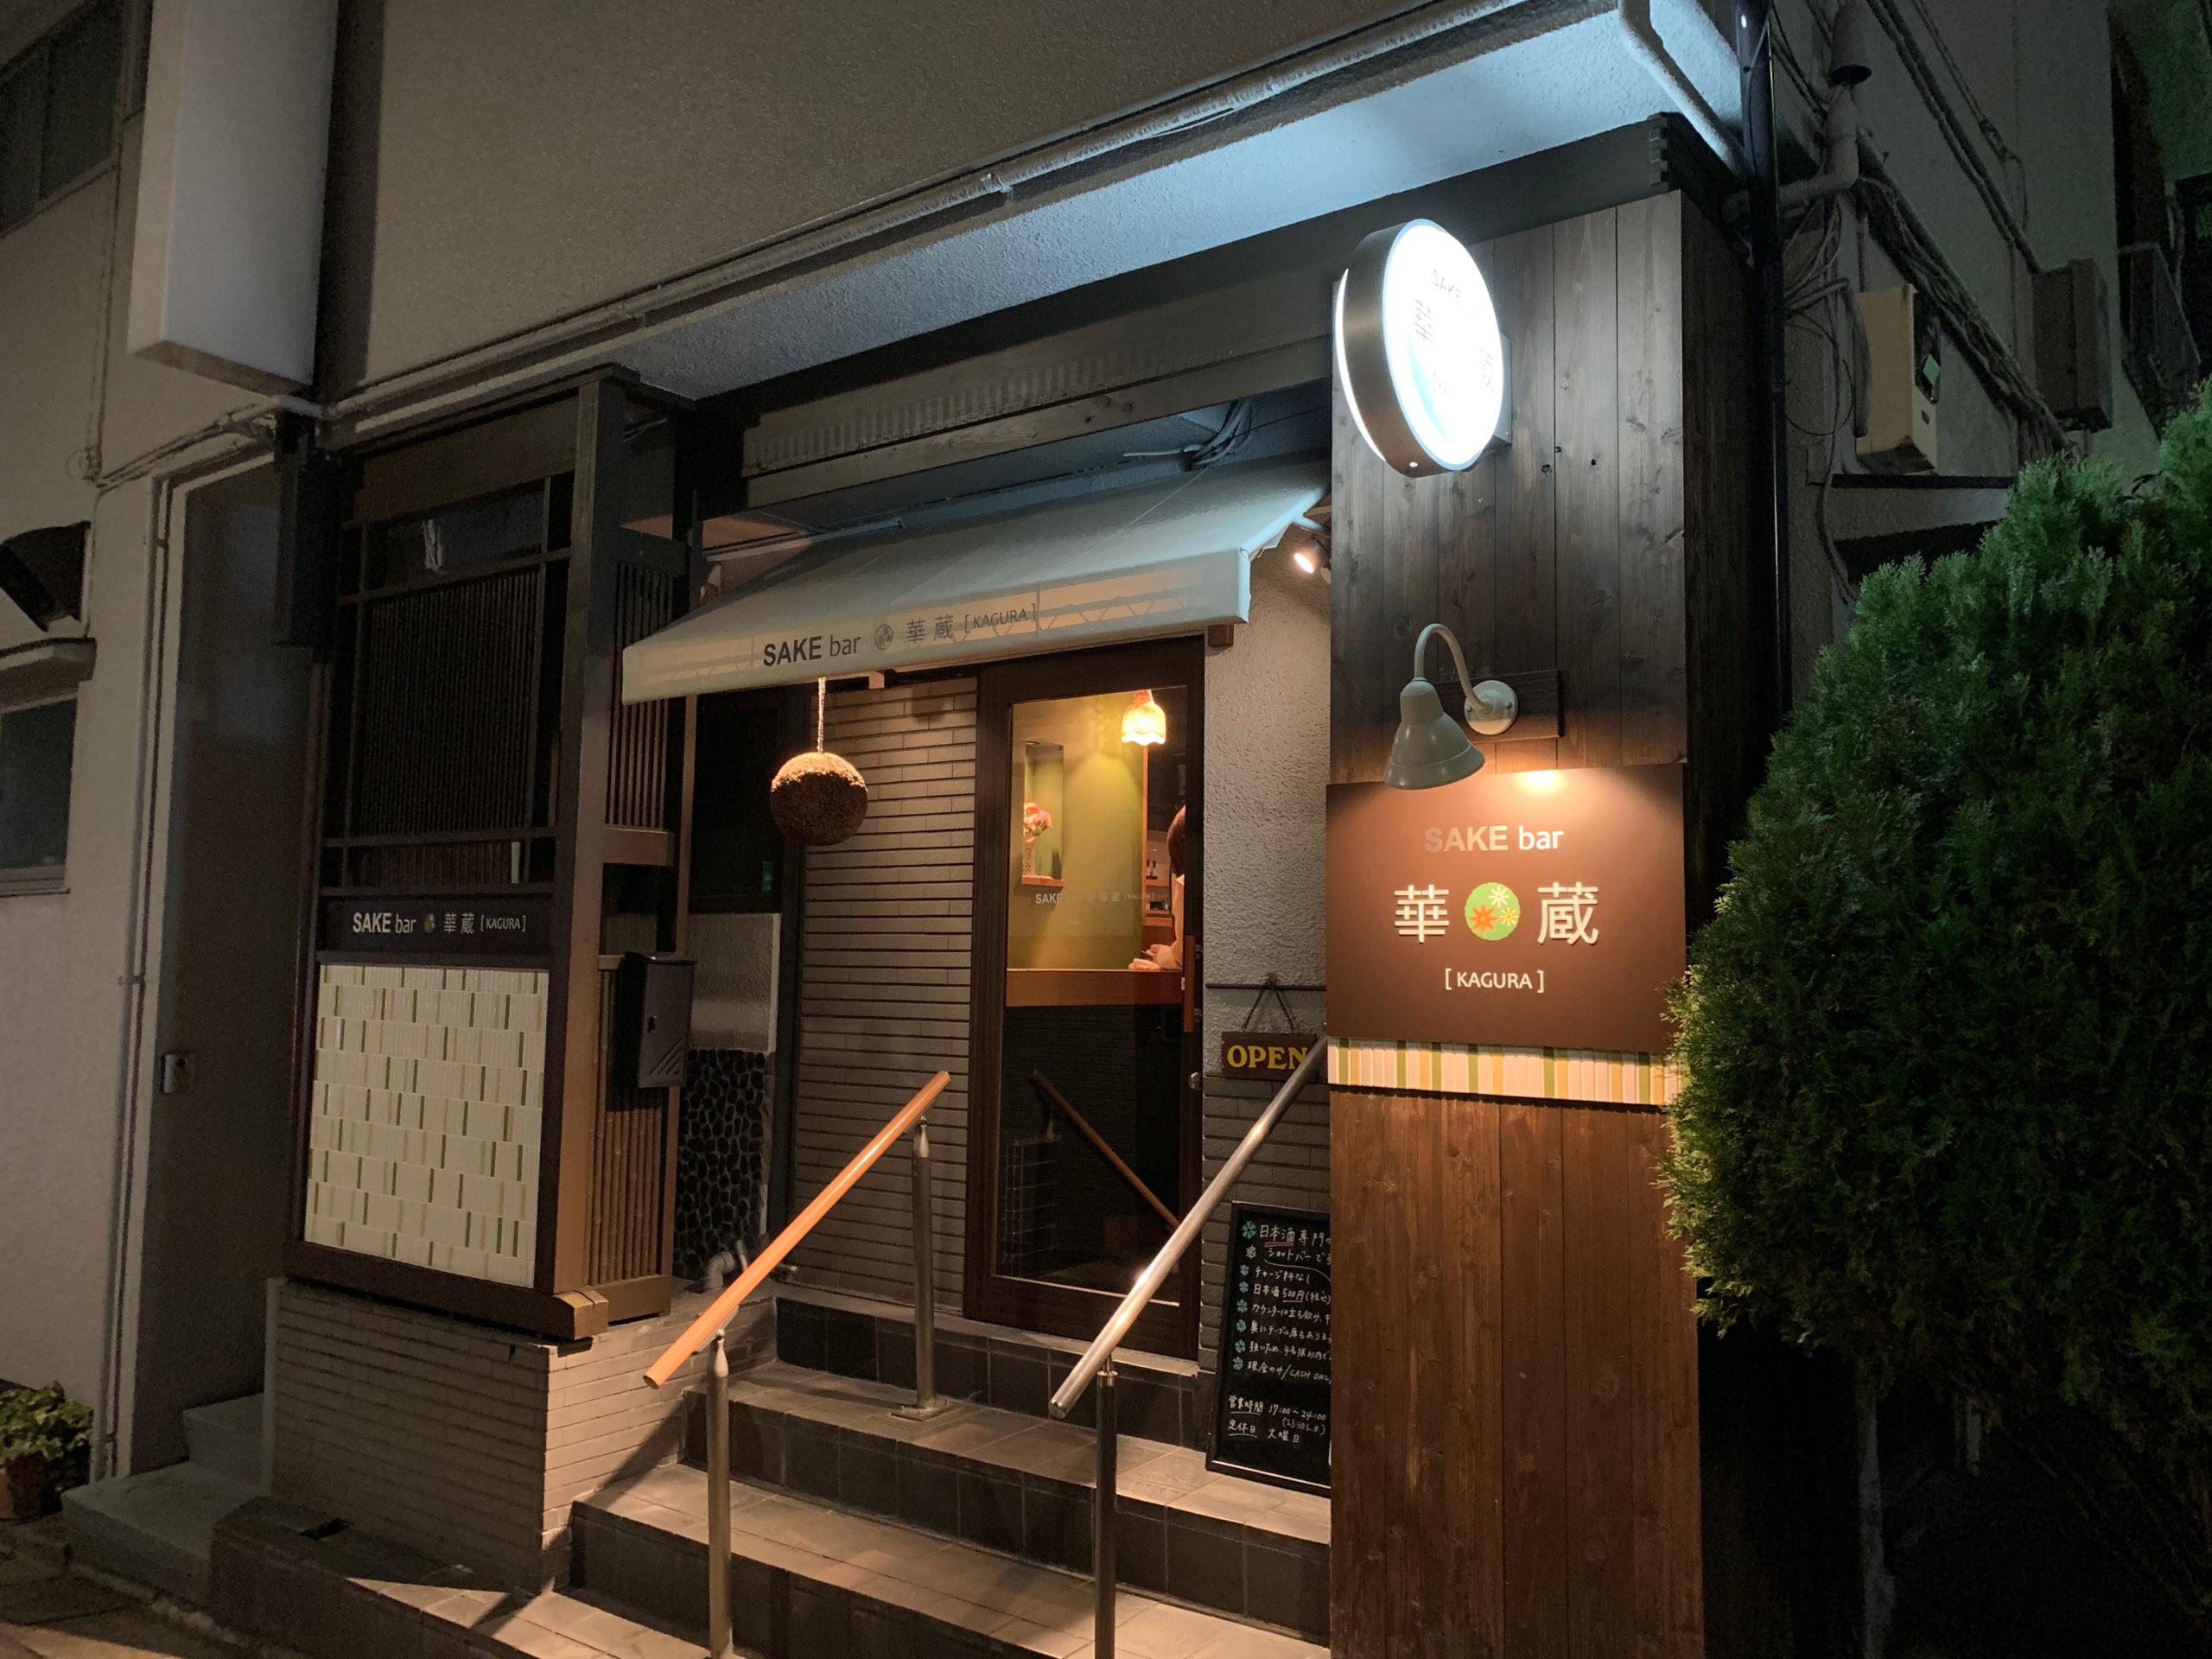 リーズナブルで美味しい日本酒をスタンディングでサッと頂くなら、江東区門前仲町にある「日本酒bar 華蔵」がおすすめです